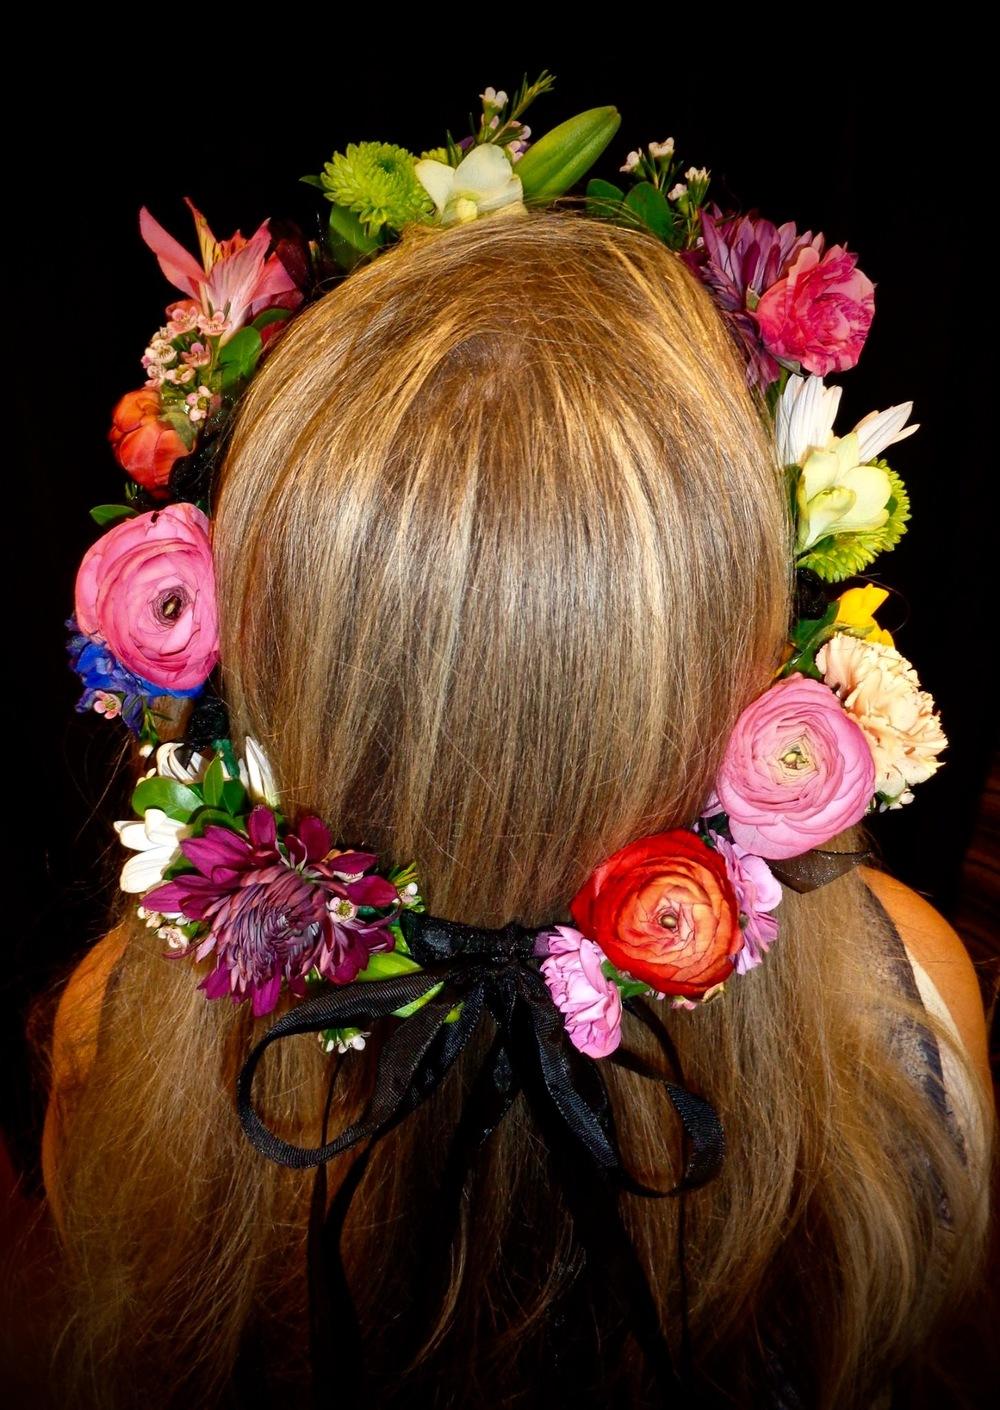 flowers - 39.jpg